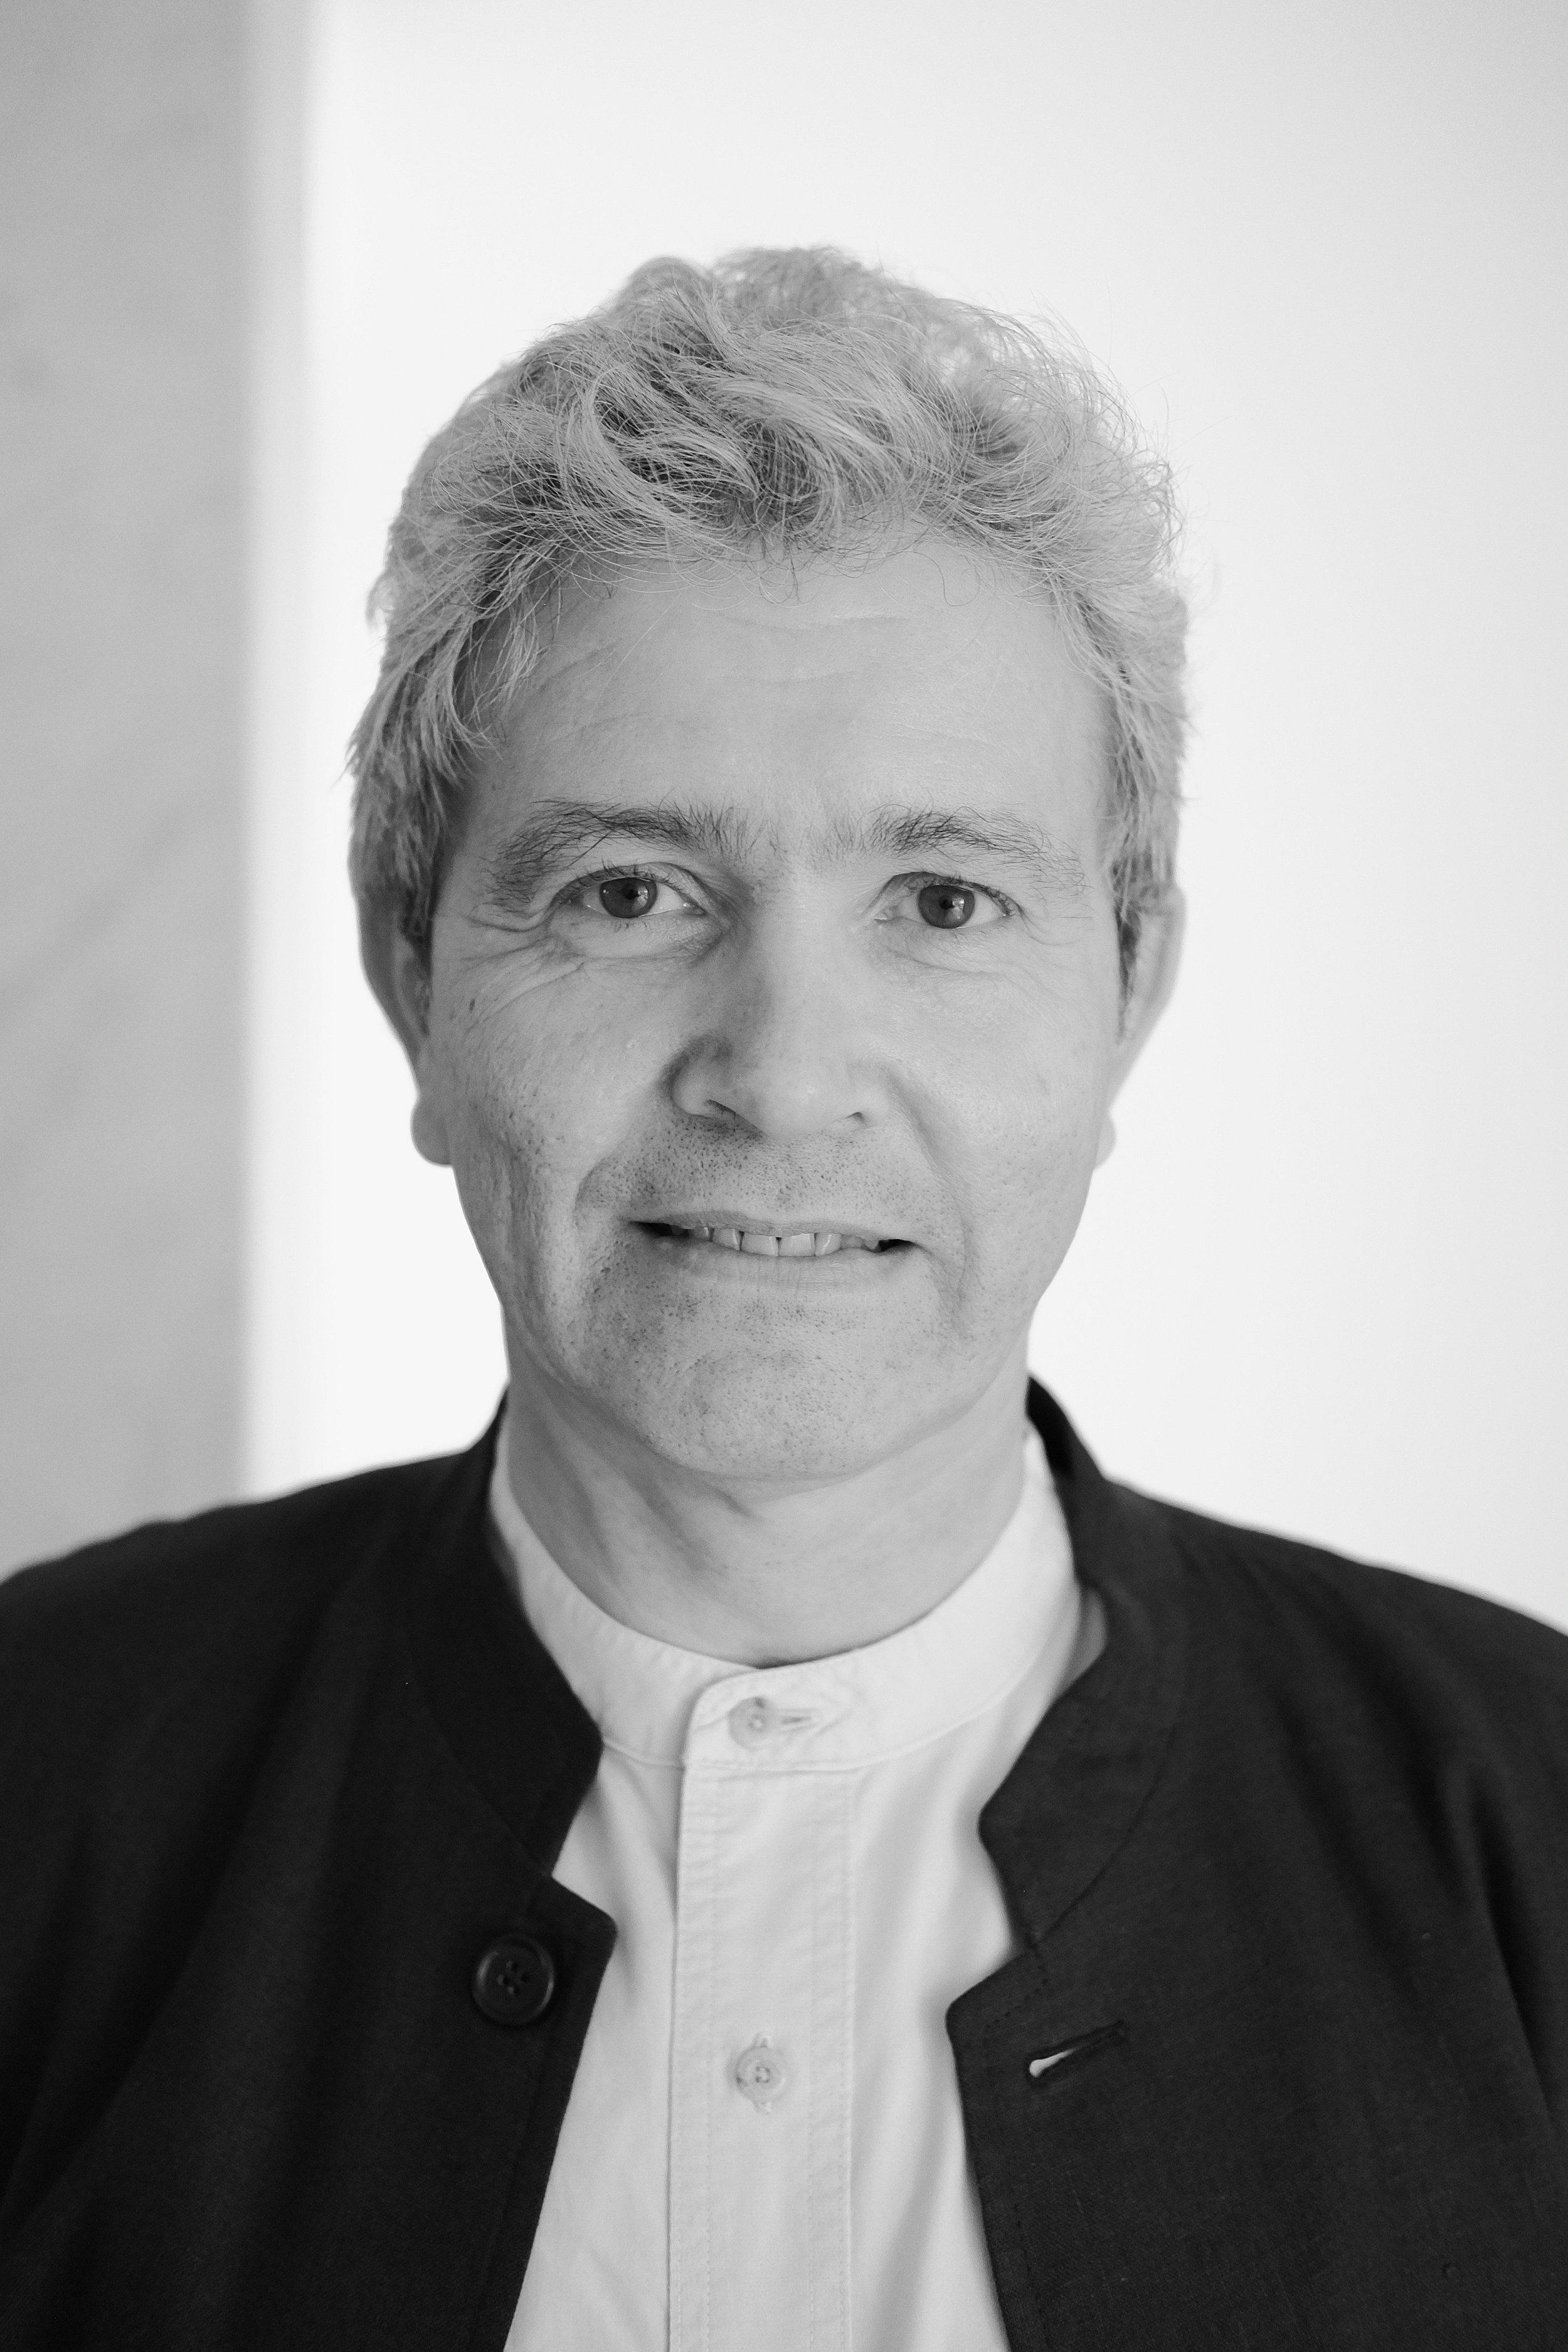 Louis-José Touron